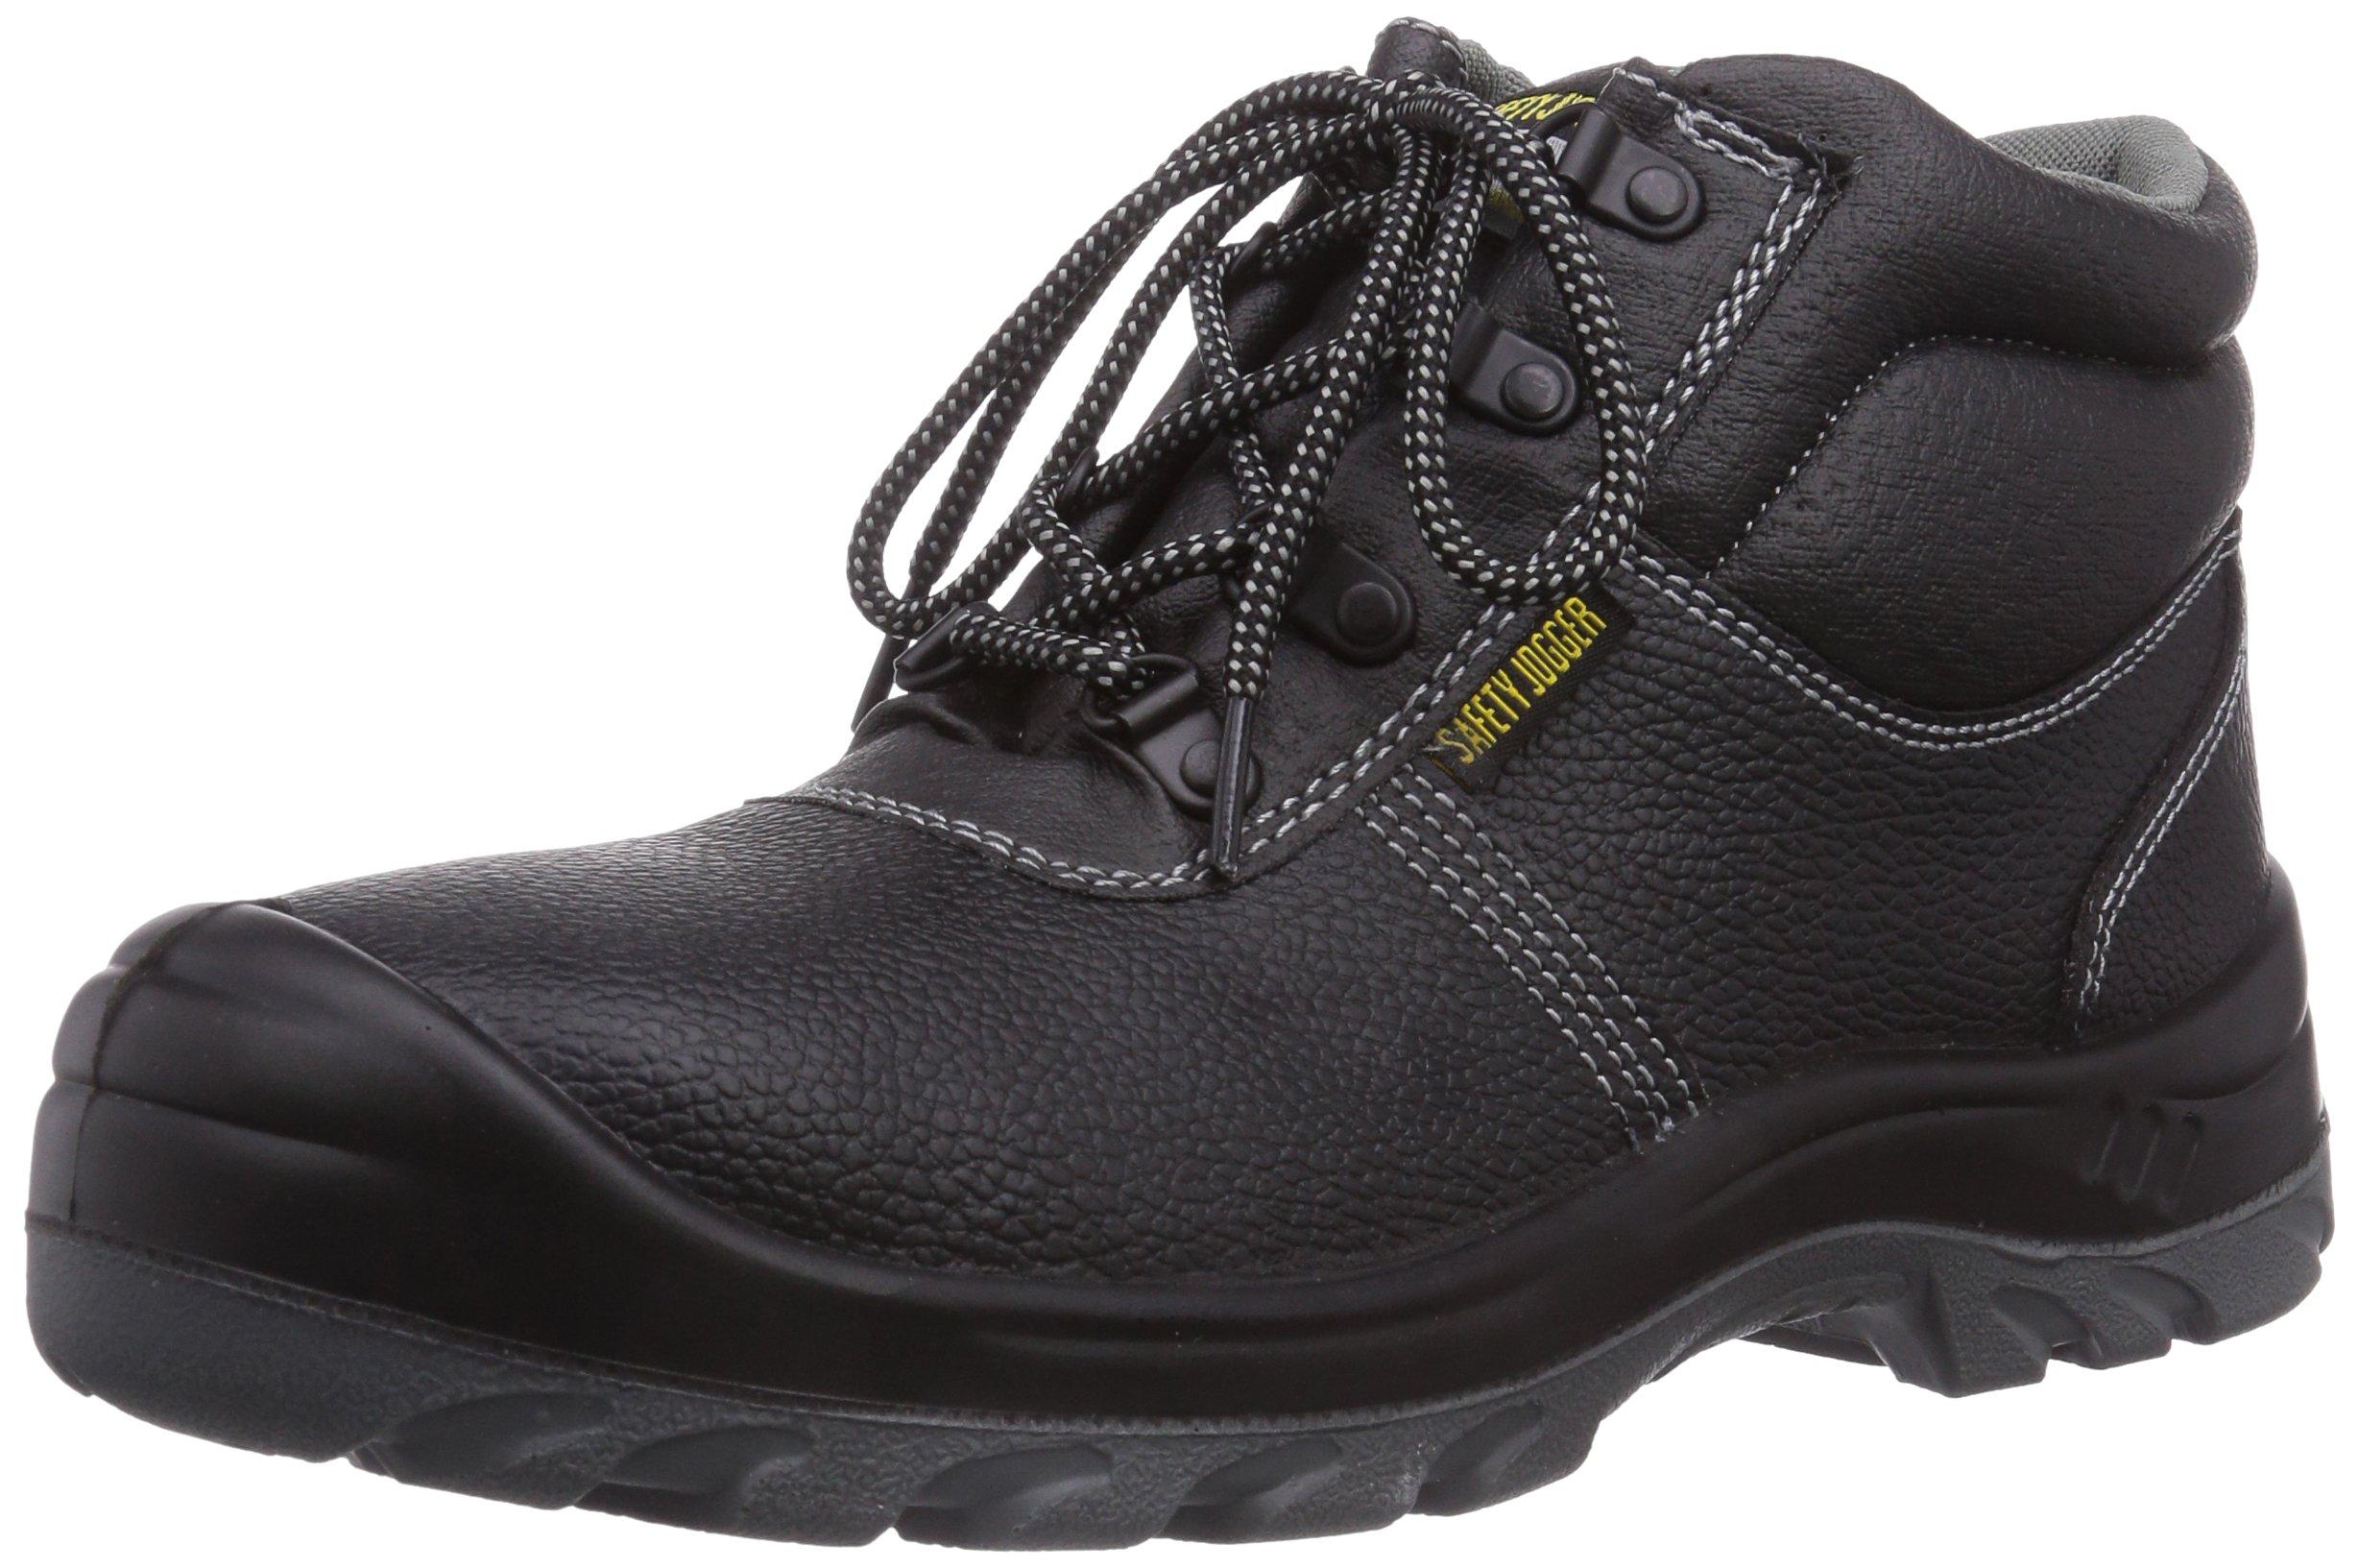 87b92fd3c278 Saftey Jogger 1910664-H Chaussures de sécurité mixte adulte